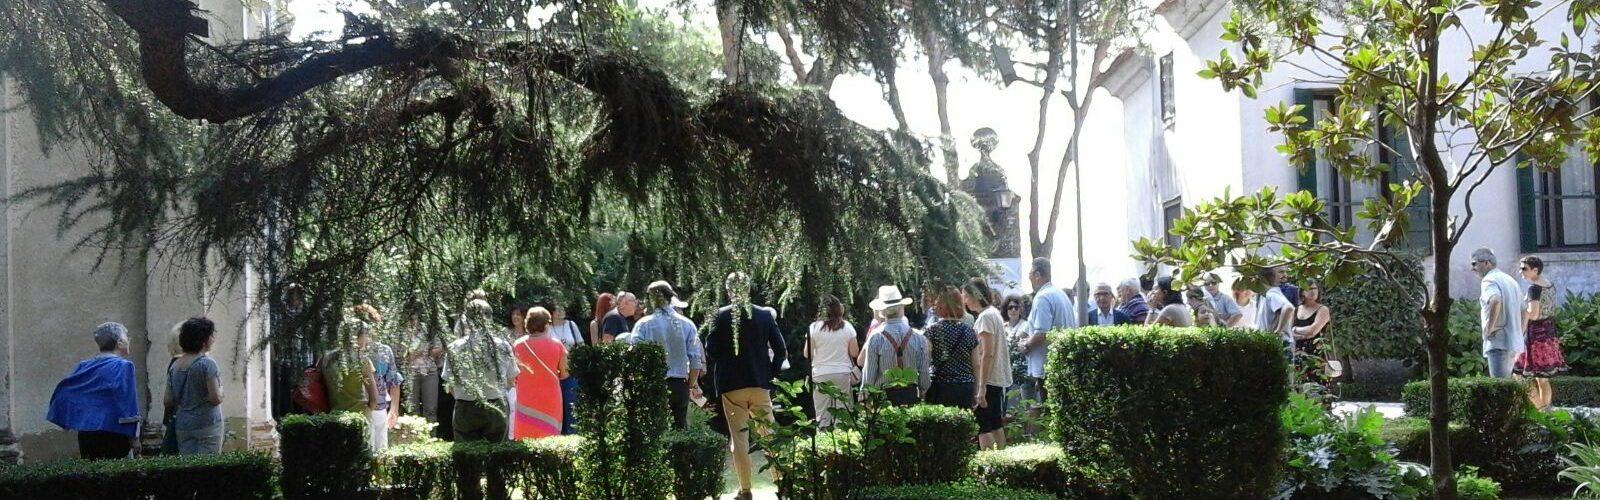 Grazie alla Pro Loco Camponogara entra in Riviera Fiorita